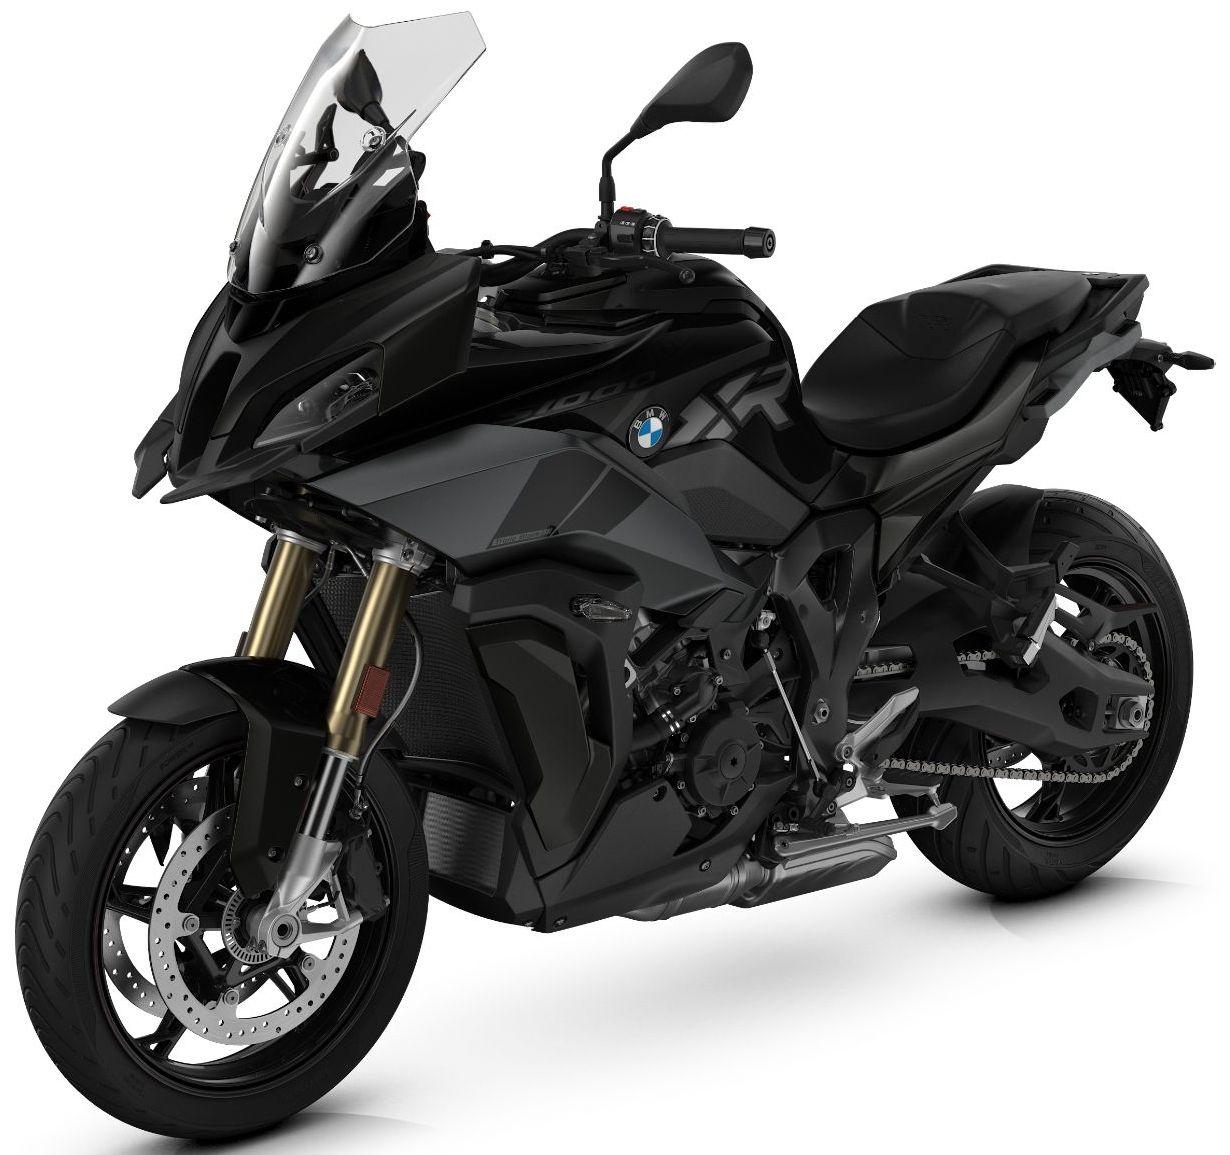 2022-BMW-Motorrad-S1000XR-5-e1625133195428.jpg